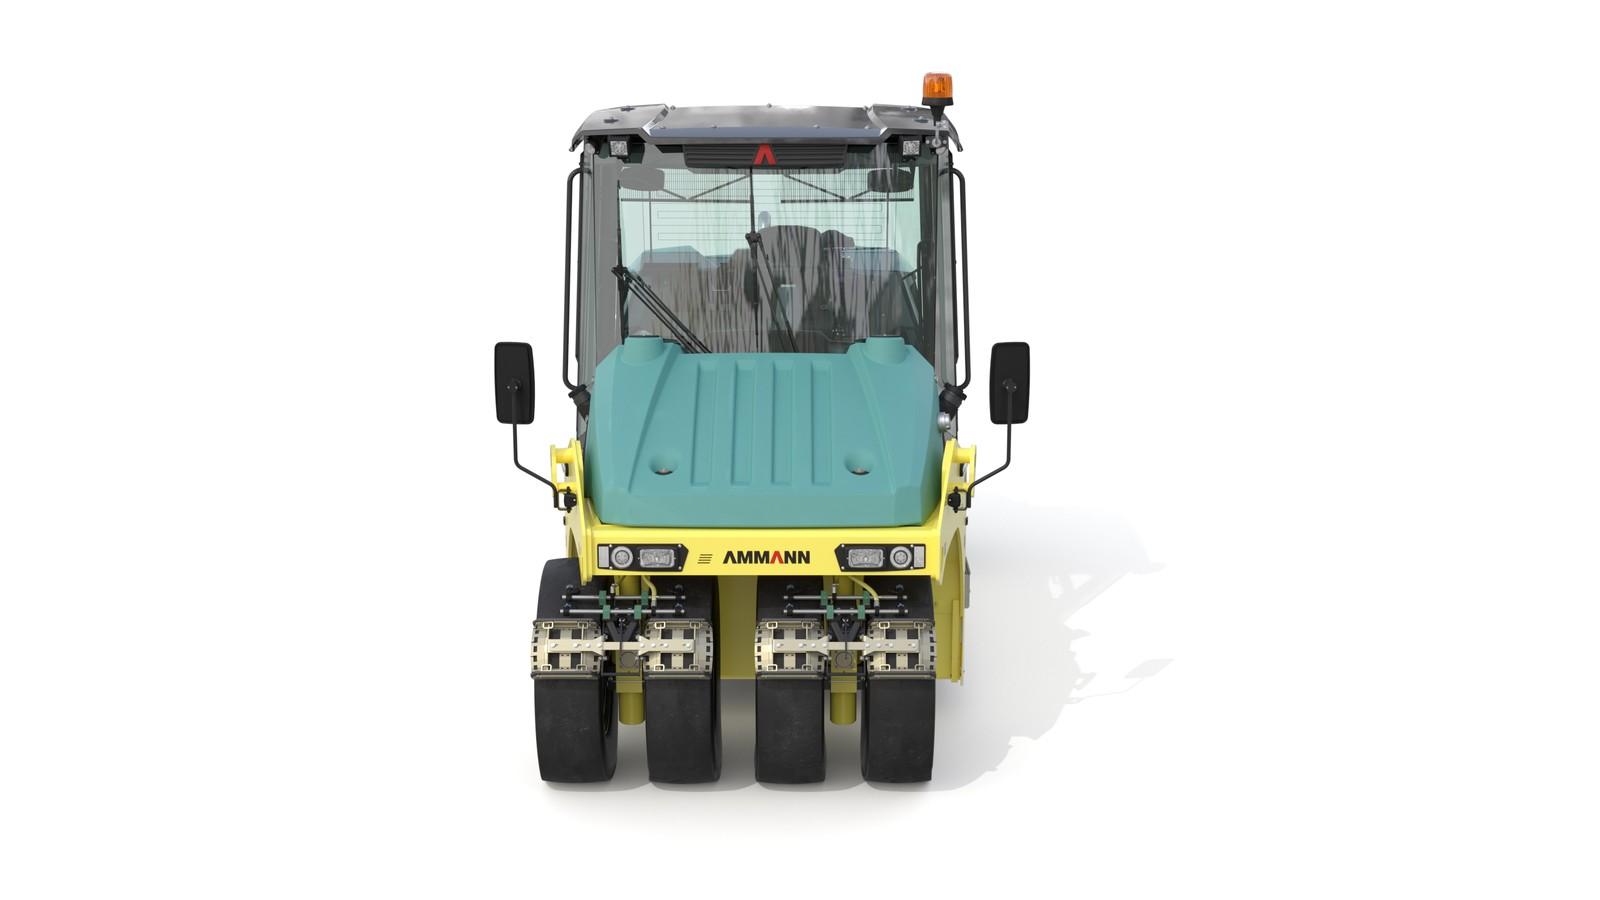 Mit dem modularen, leicht zu befüllenden Ballastsystem lässt sich das Gewicht der Maschine mit Hilfe eines Gabelstaplers innerhalb kürzester Zeit variabel von 9 bis auf 28 t anpassen